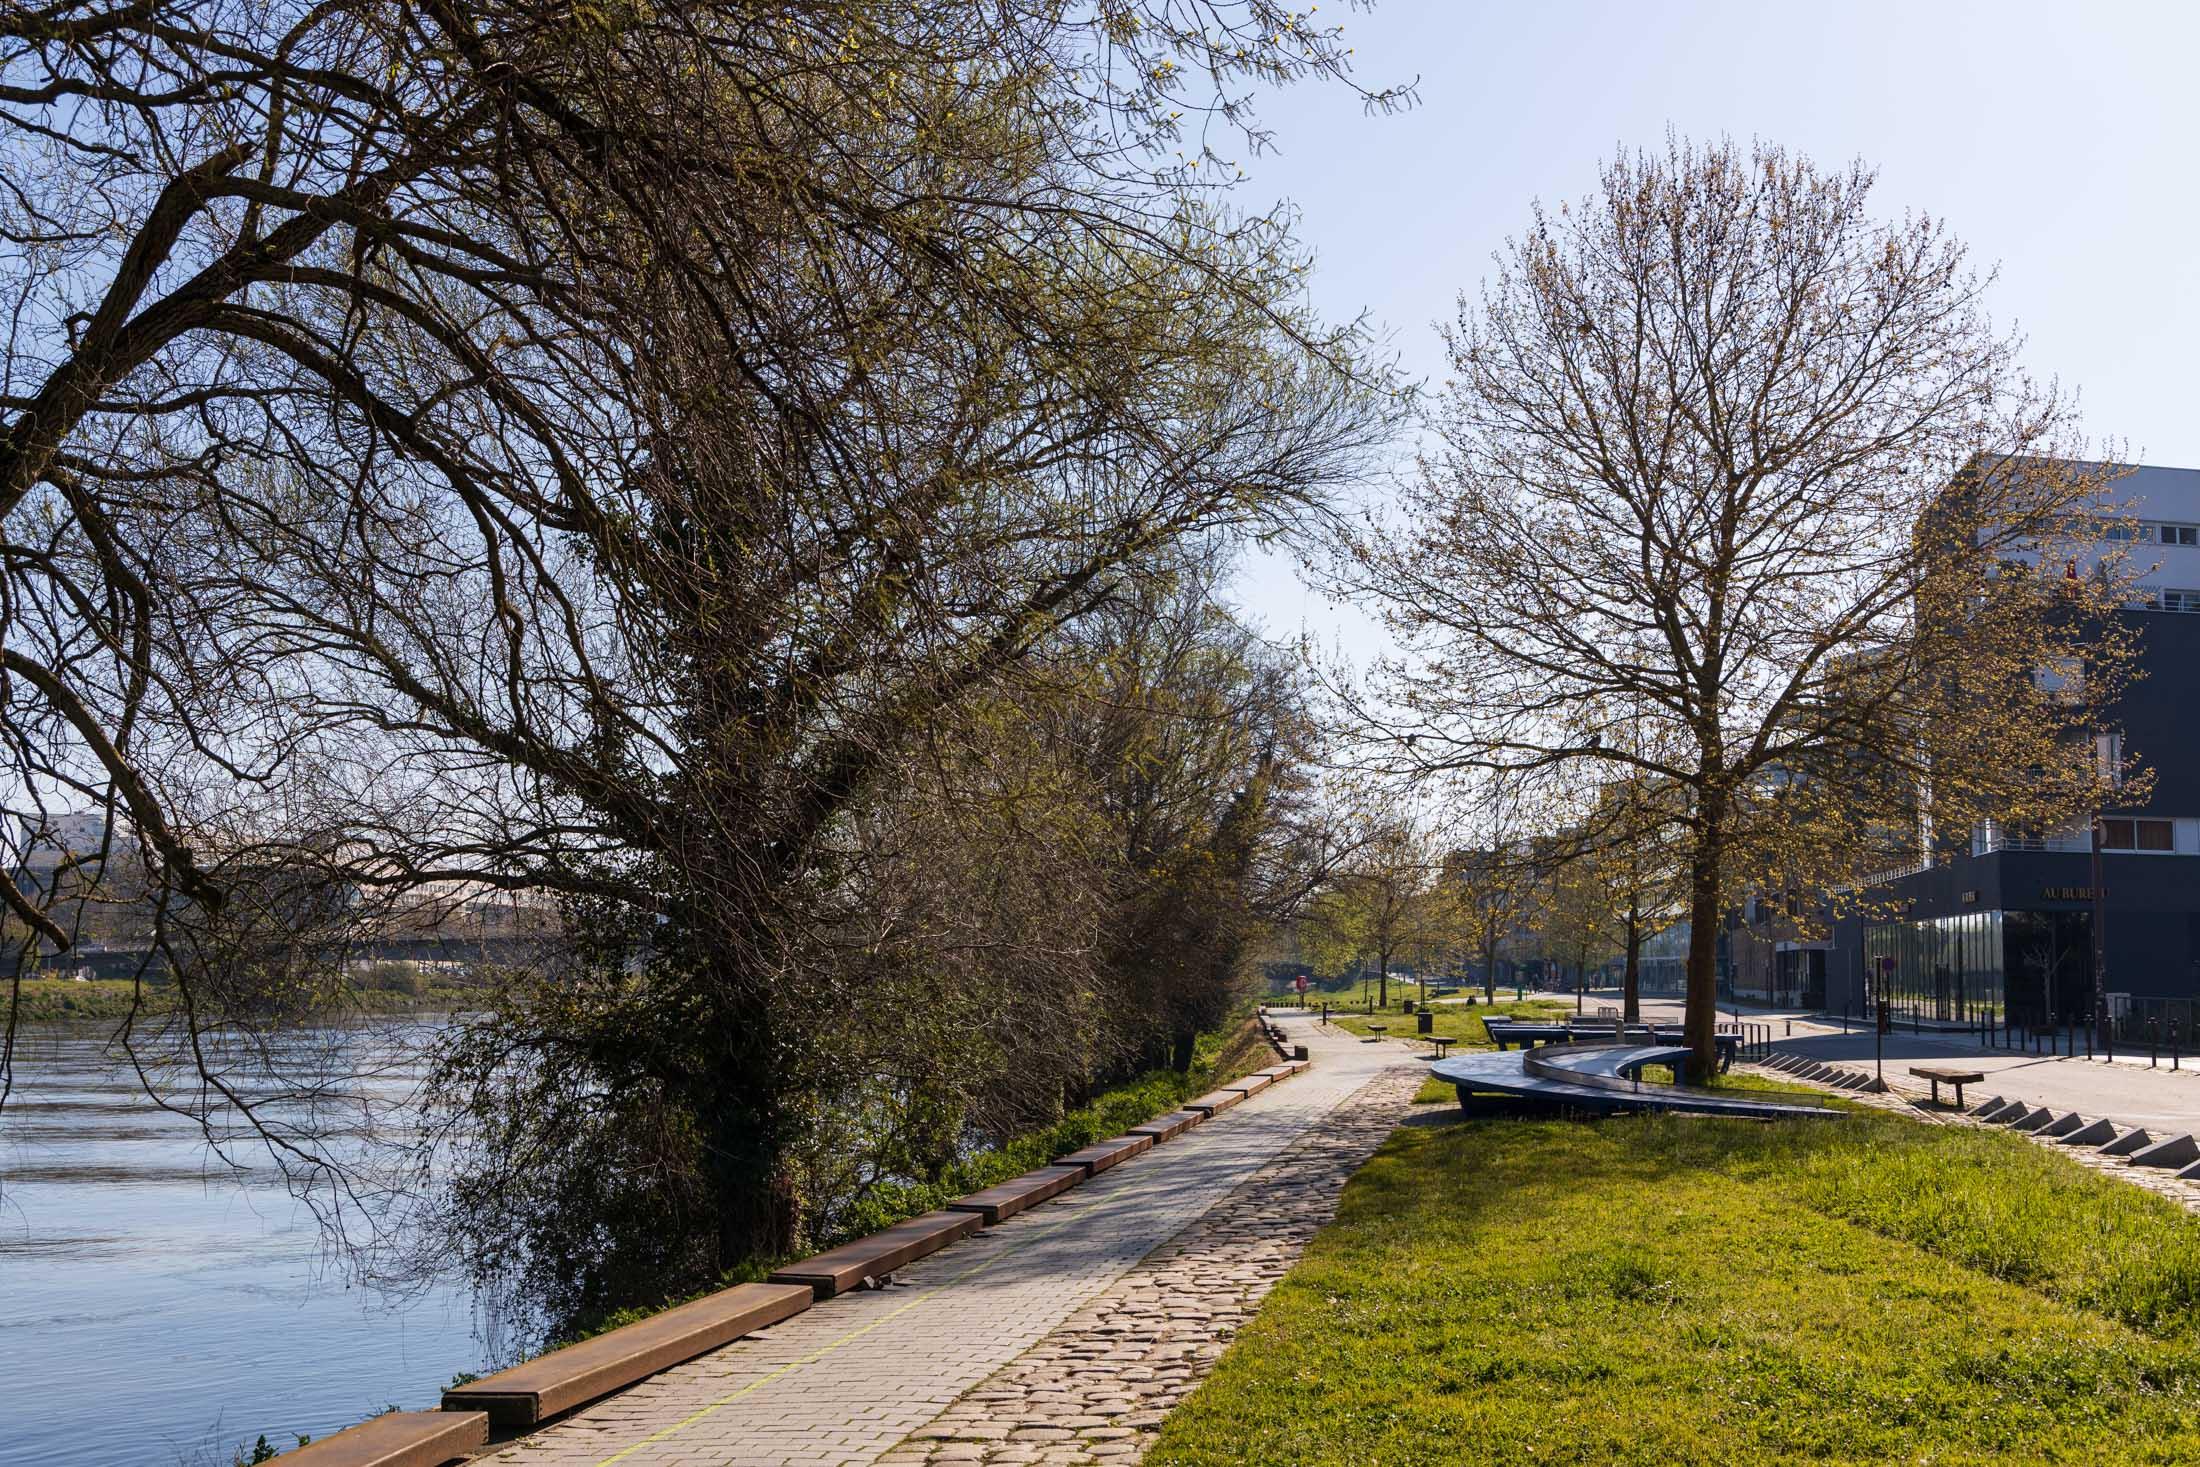 Streets of Nantes are empty, such as here quai Francois Mitterand. Nantes, France - March 25th 2020.Les rues de Nantes sont vides, comme ici au Quai Francois Mitterand. Nantes, France - 25 mars 2020.